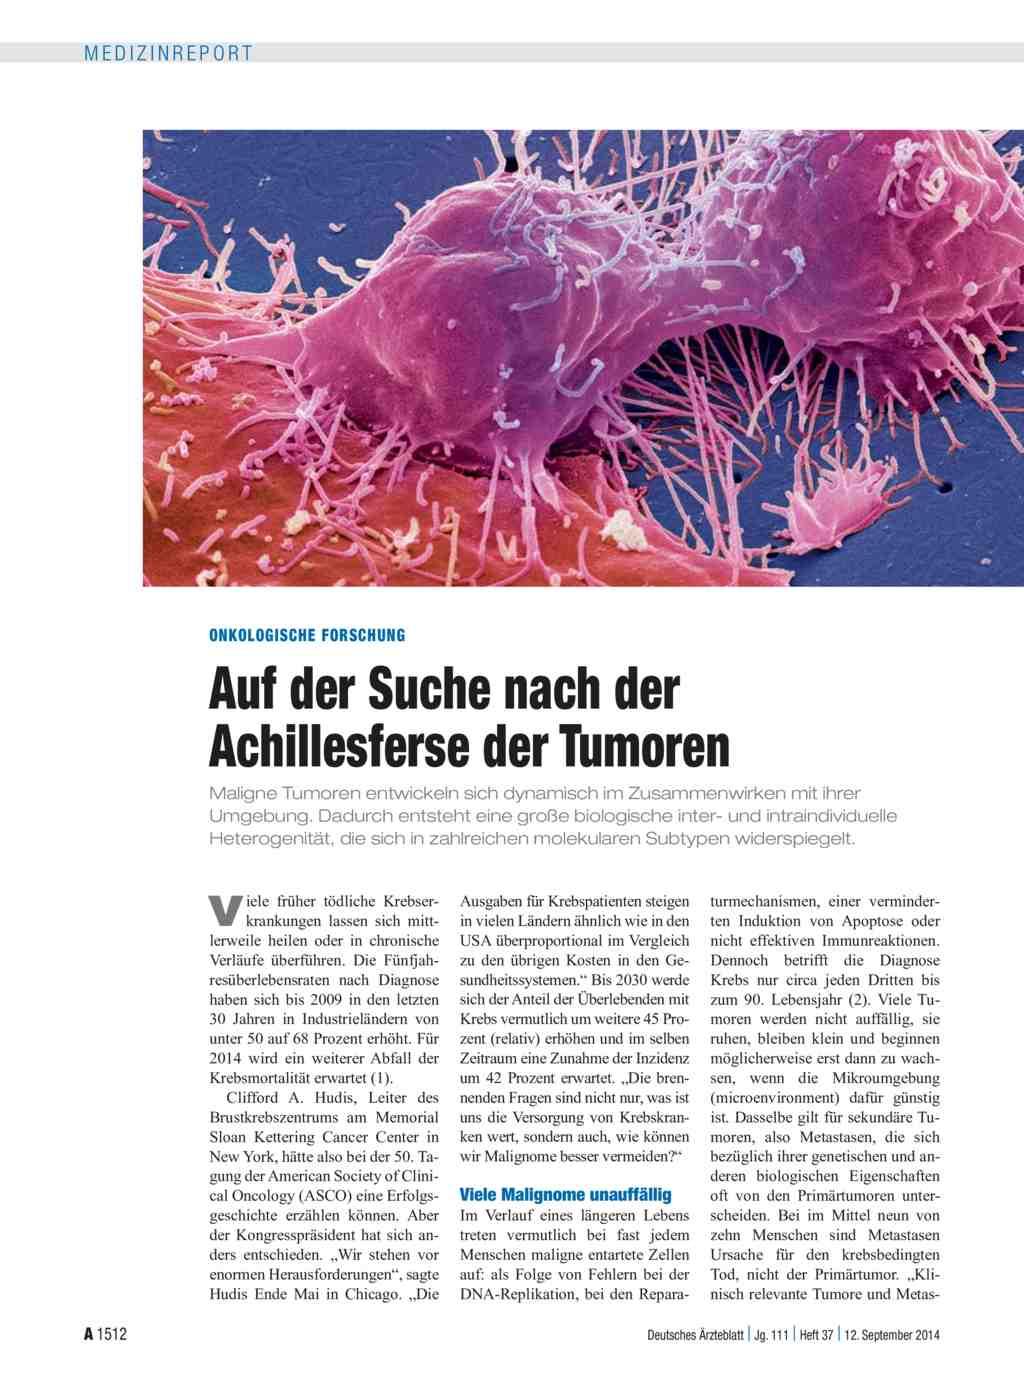 Entstehung Wachstum Und Chemotherapie Maligner Tumoren Arzneimittel-forschung, Medizin